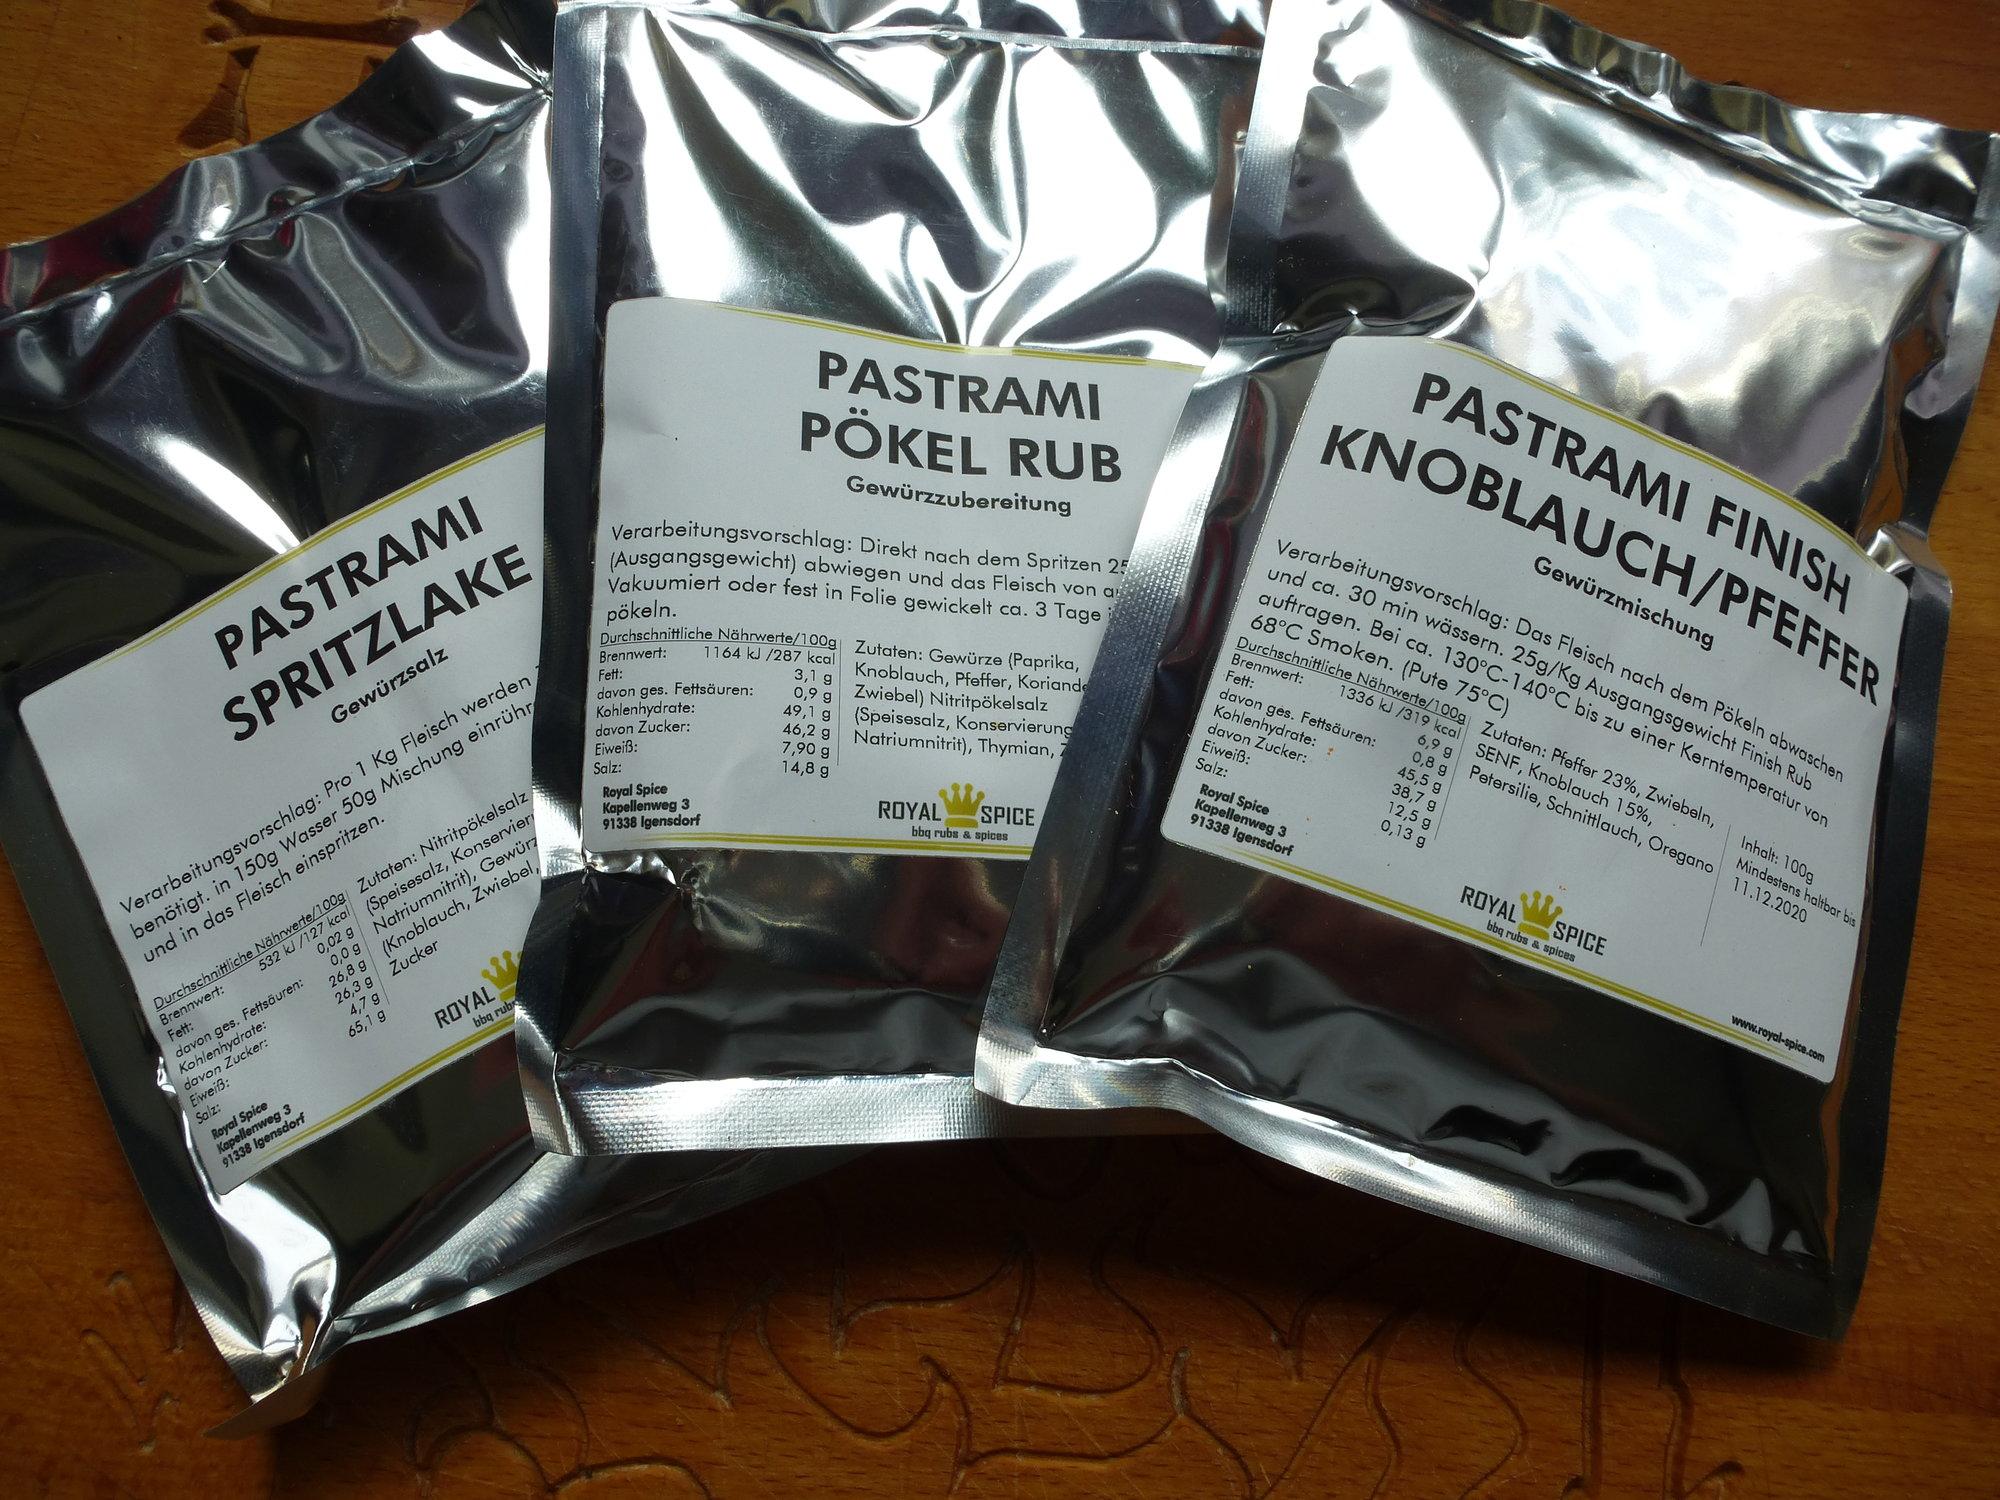 PastramiDAngus (1).JPG